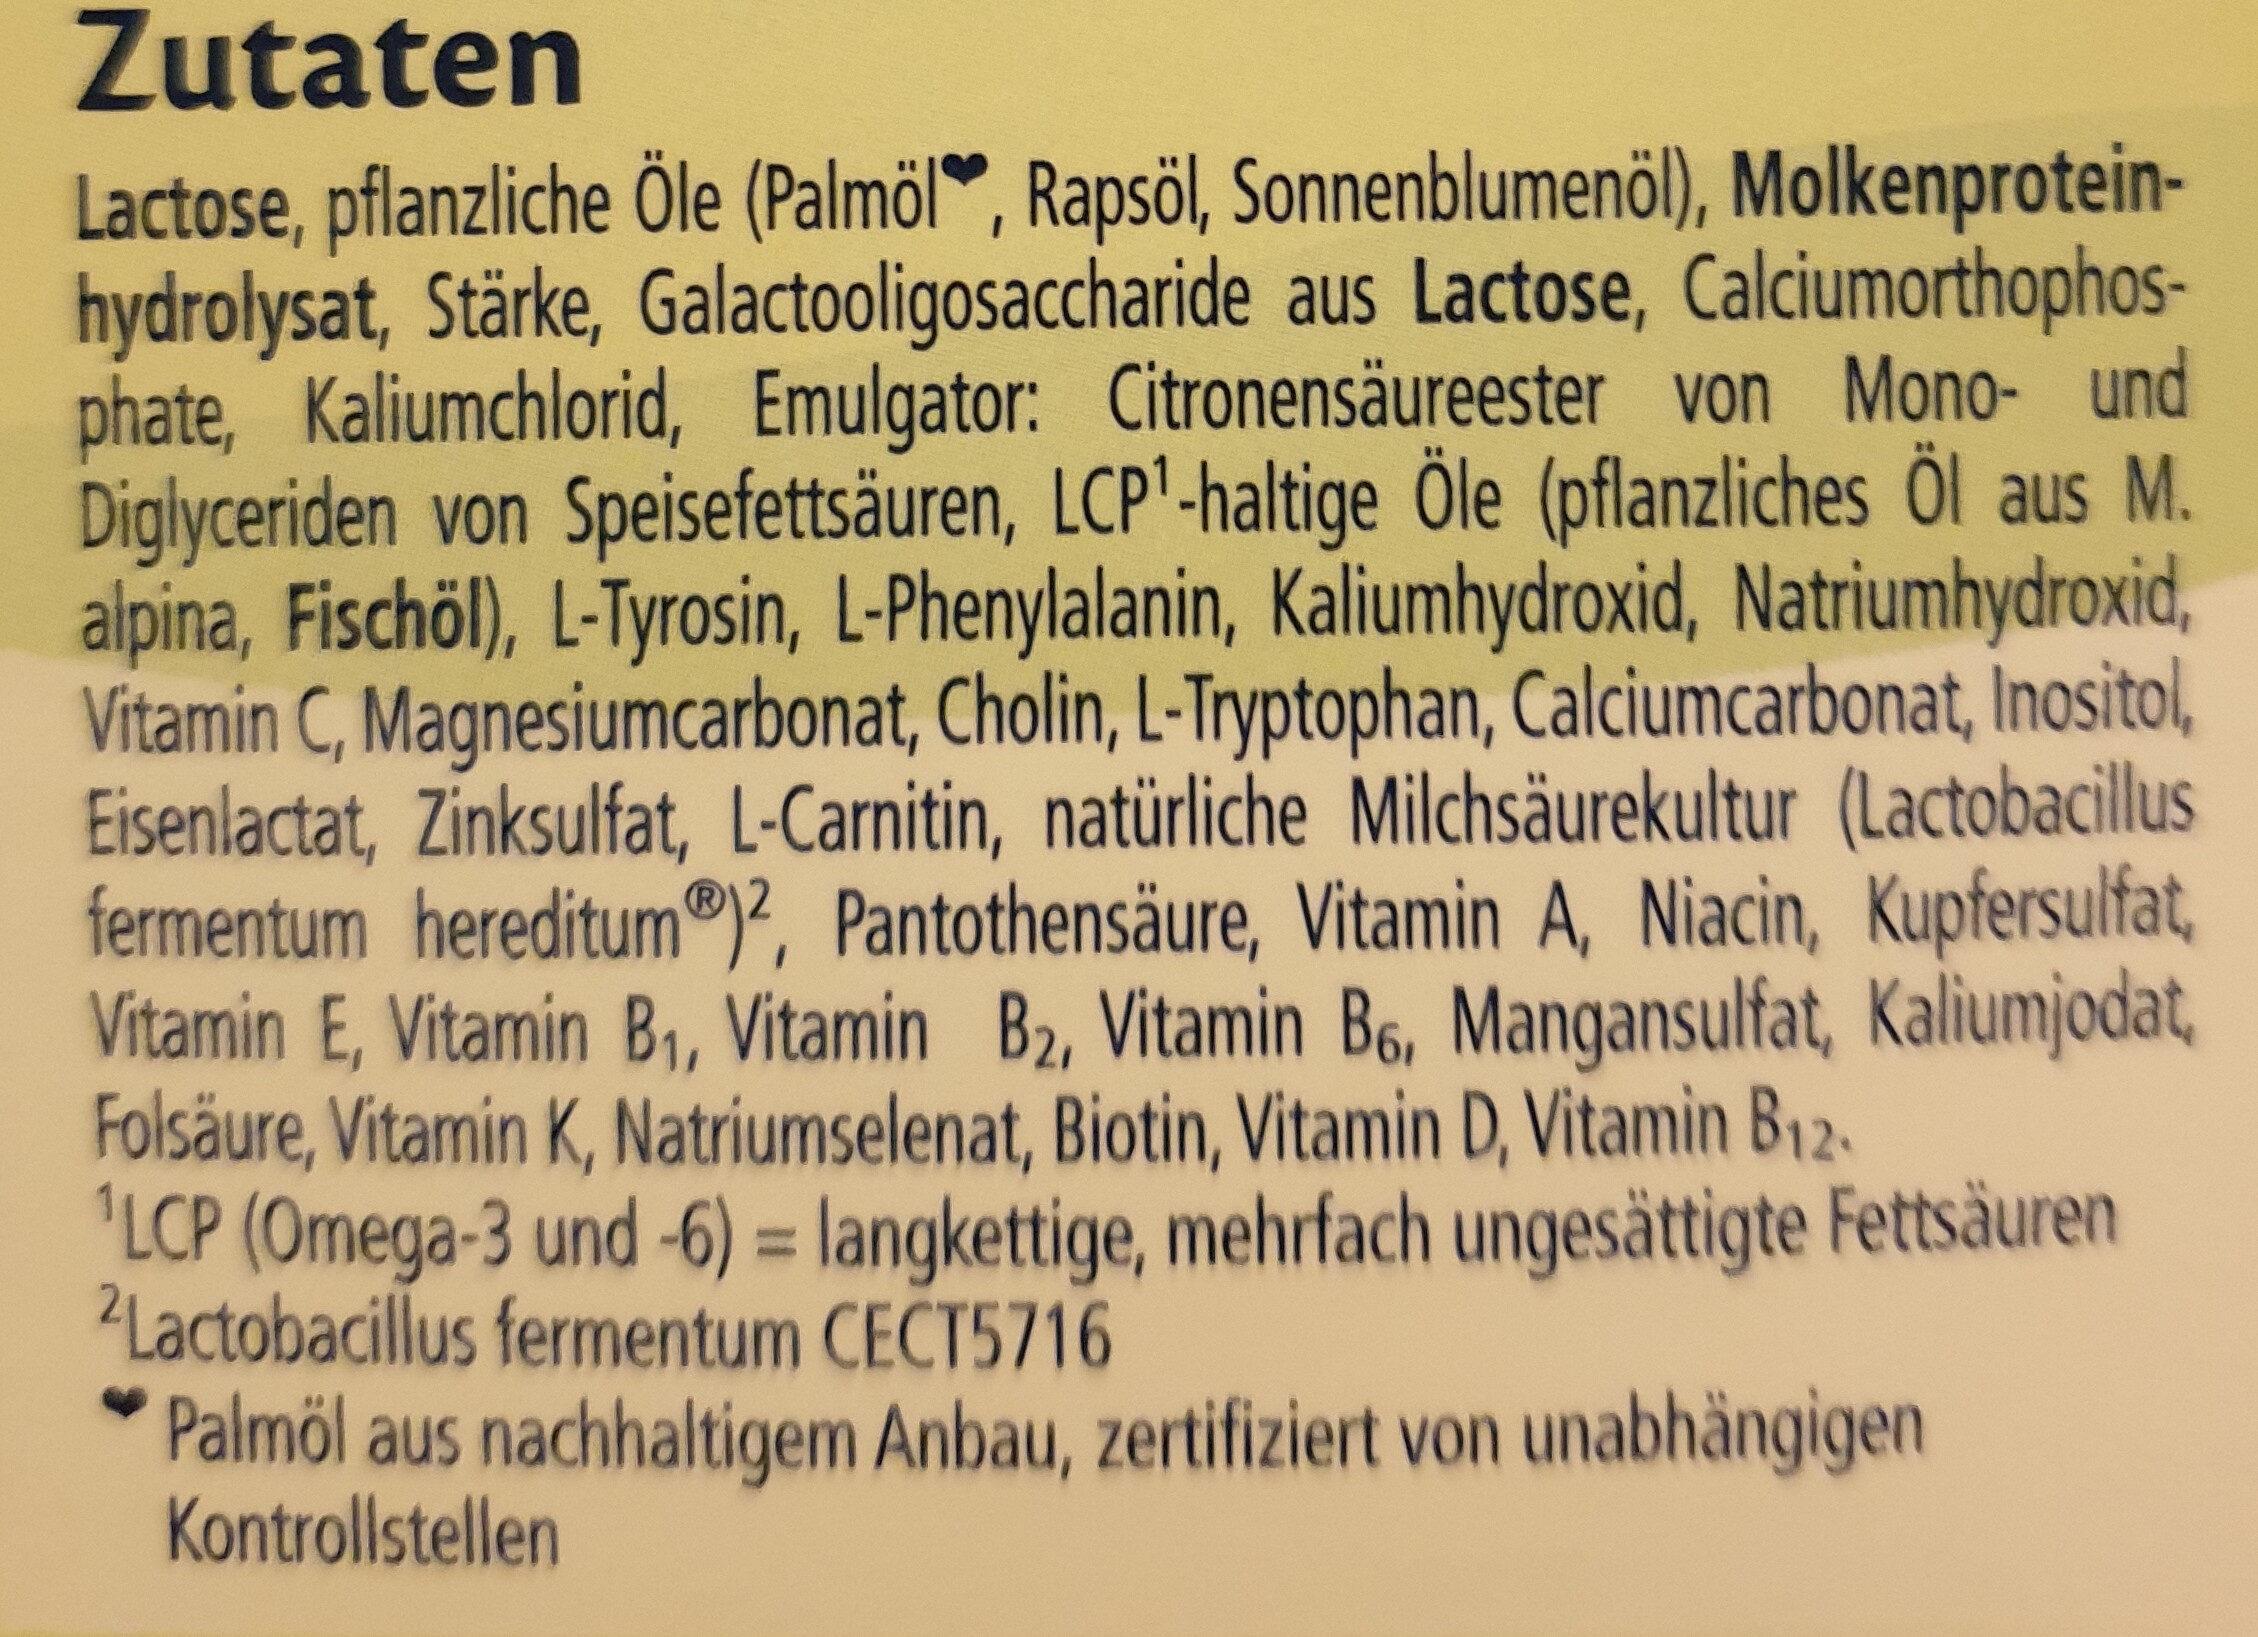 HiPP HA COMBIOTIK - Zutaten - de